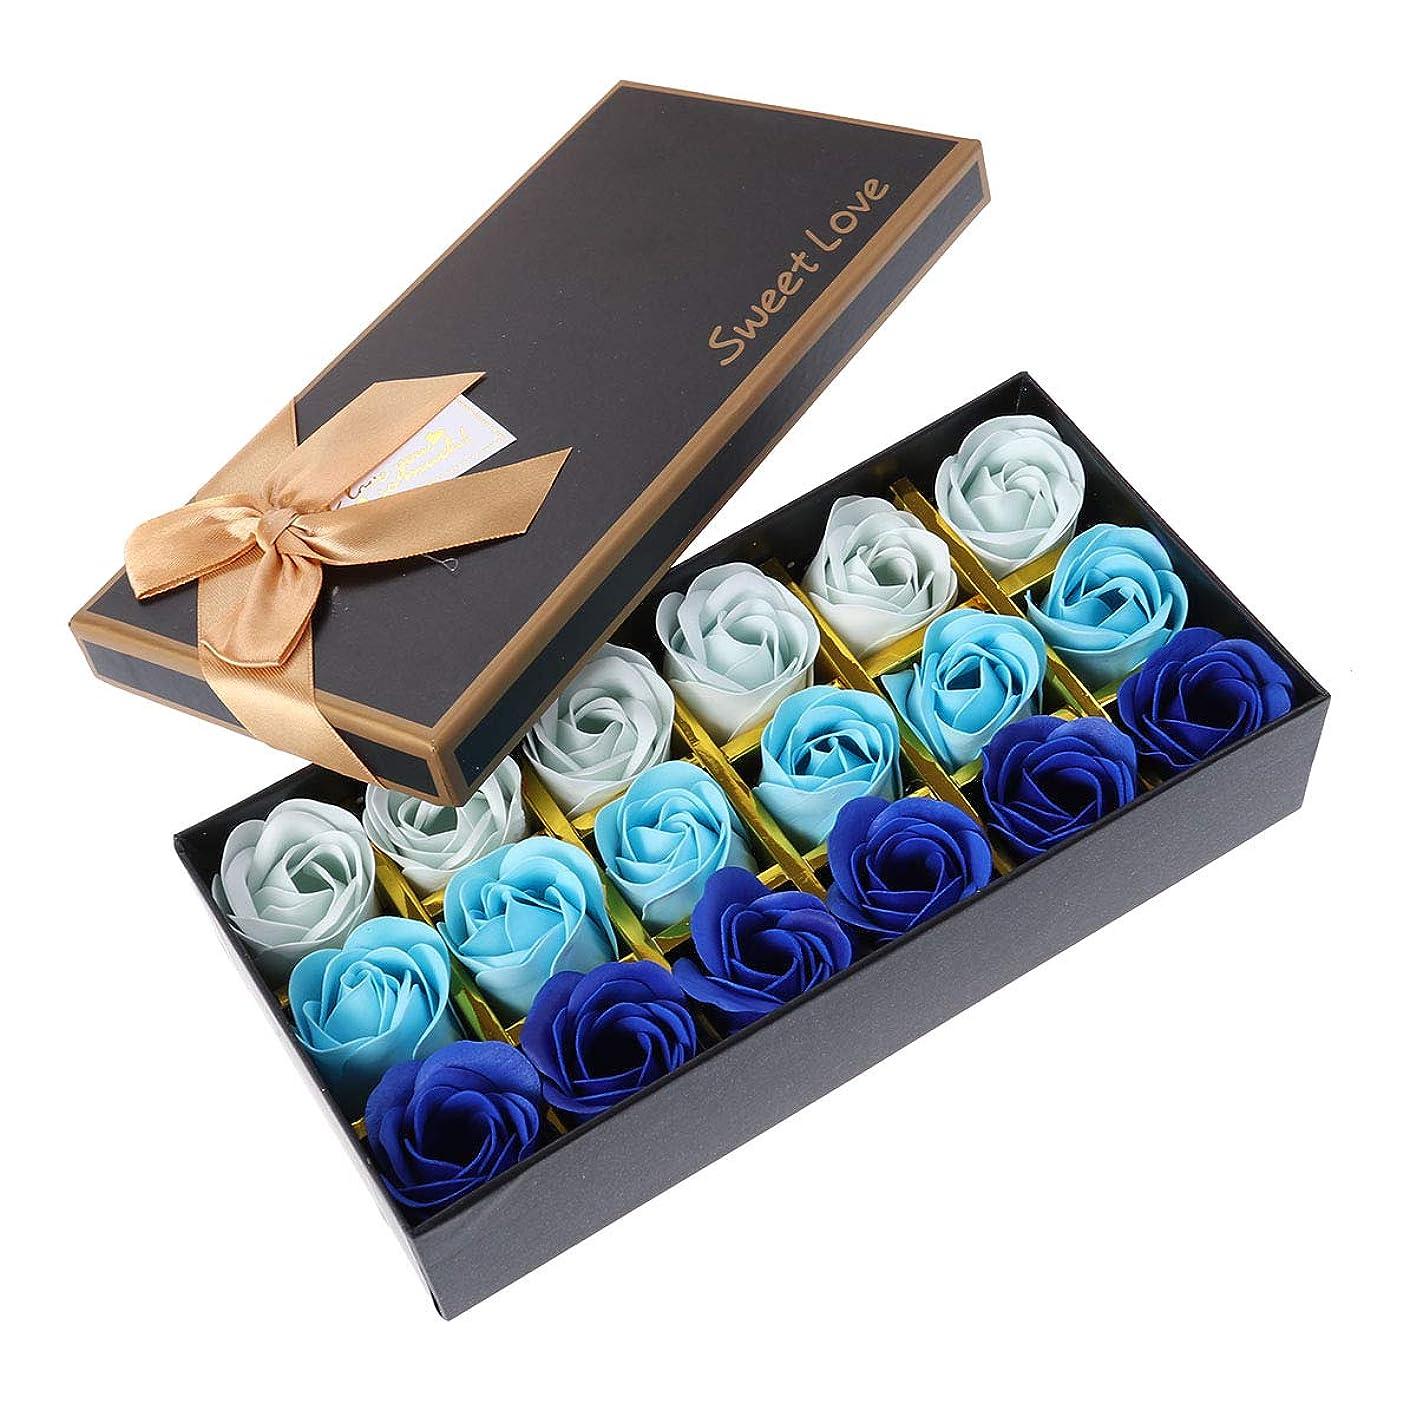 正確にカスタム挑発するBeaupretty バレンタインデーの結婚式の誕生日プレゼントのための小さなクマとバラの石鹸の花